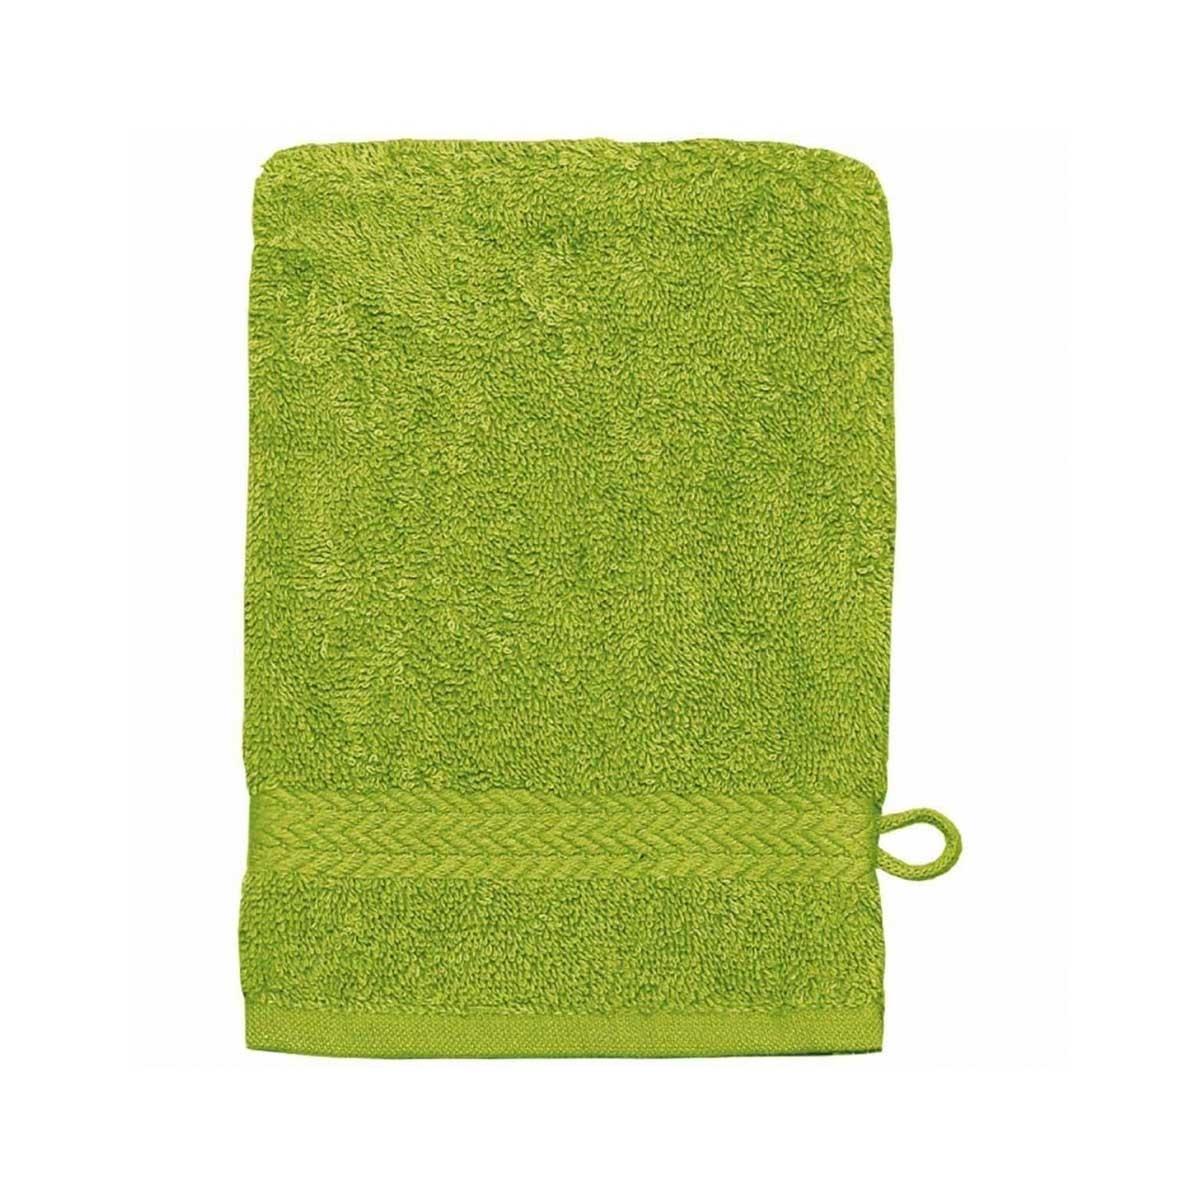 Gant de toilette 16 x 22 cm en Coton couleur Pomme (Pomme)